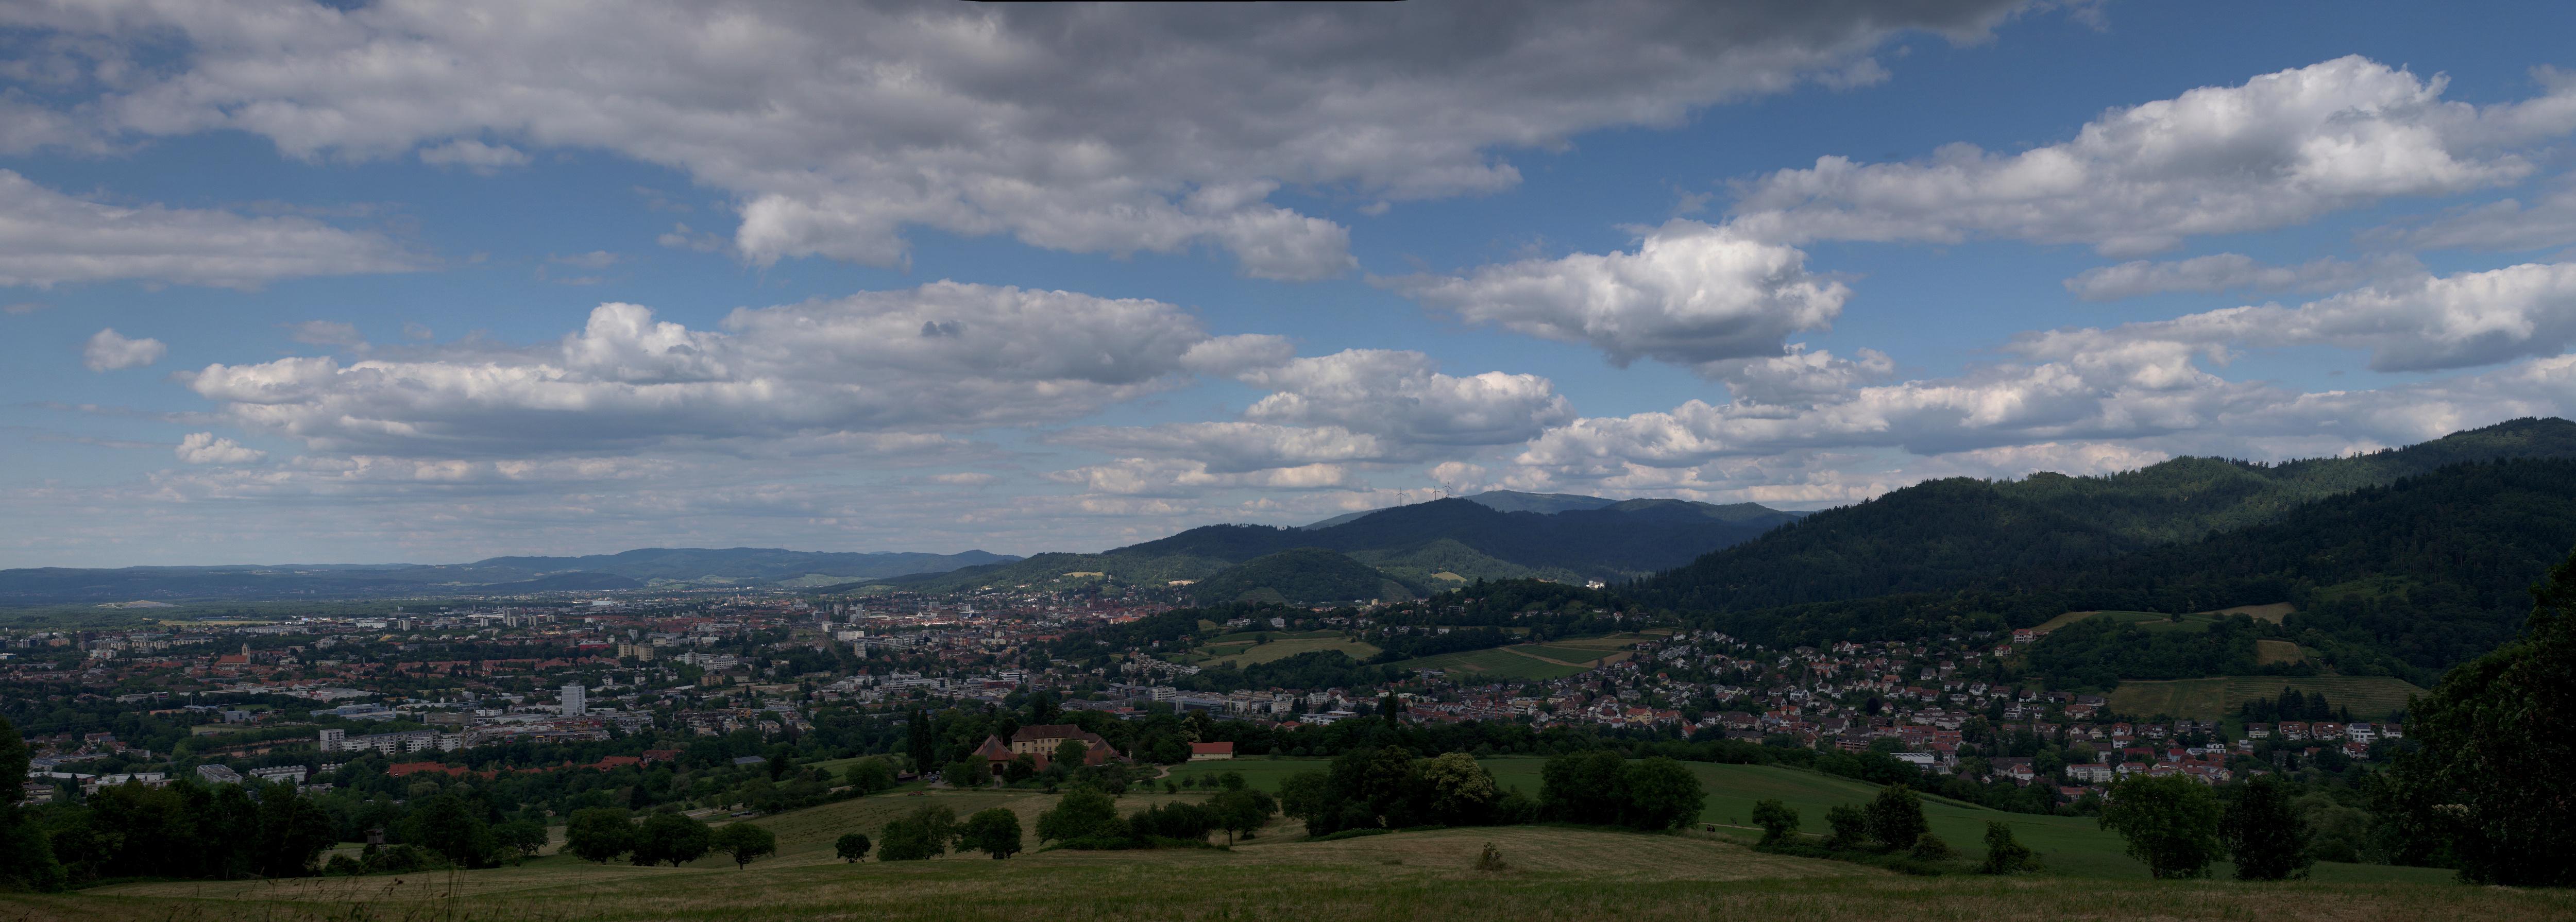 Panorama von Freiburg von Merzhausen aus fotografiert (Leica M mit Summilux 50 mm bei f/8.0) – vergrößerte Ansicht durch anklicken.